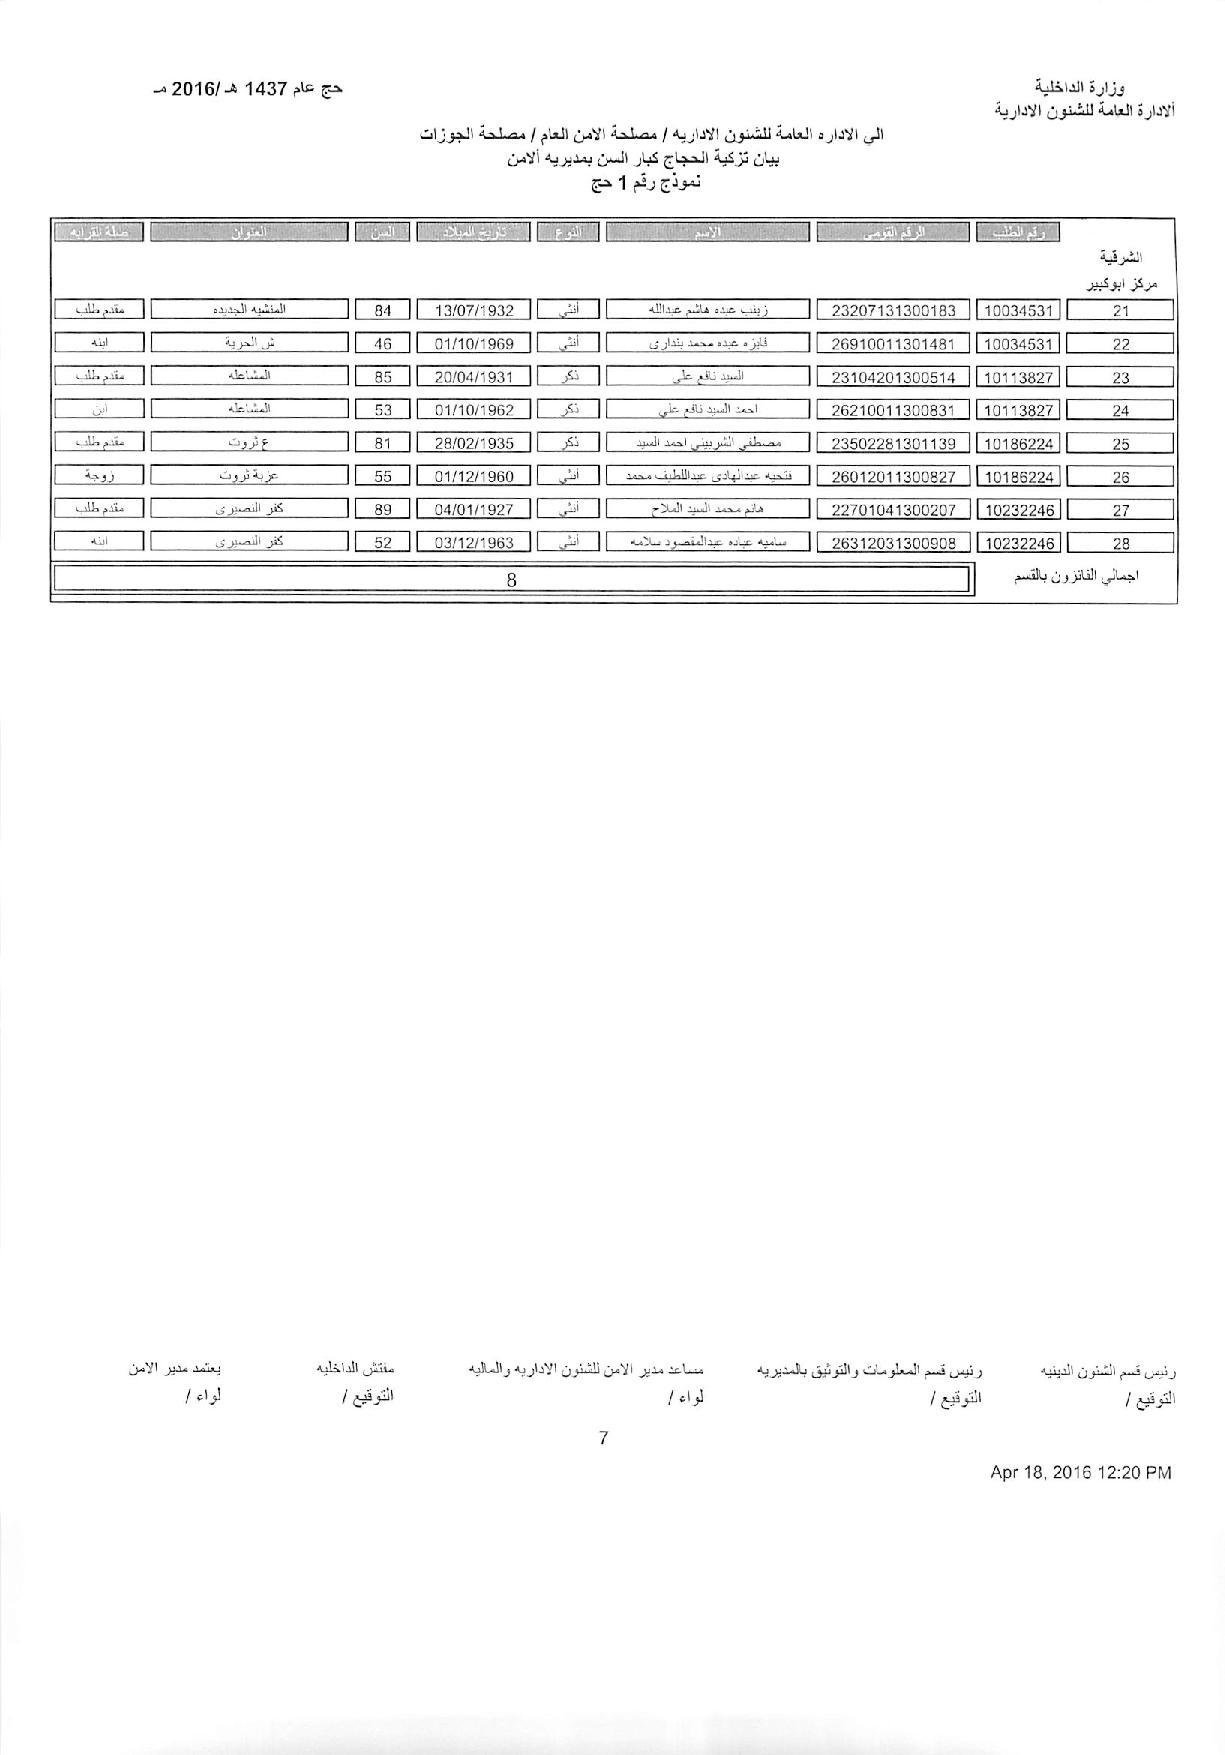 اسماء الحجاج الفائزون بالقرعة لعام 1437هـ 2016م (9)